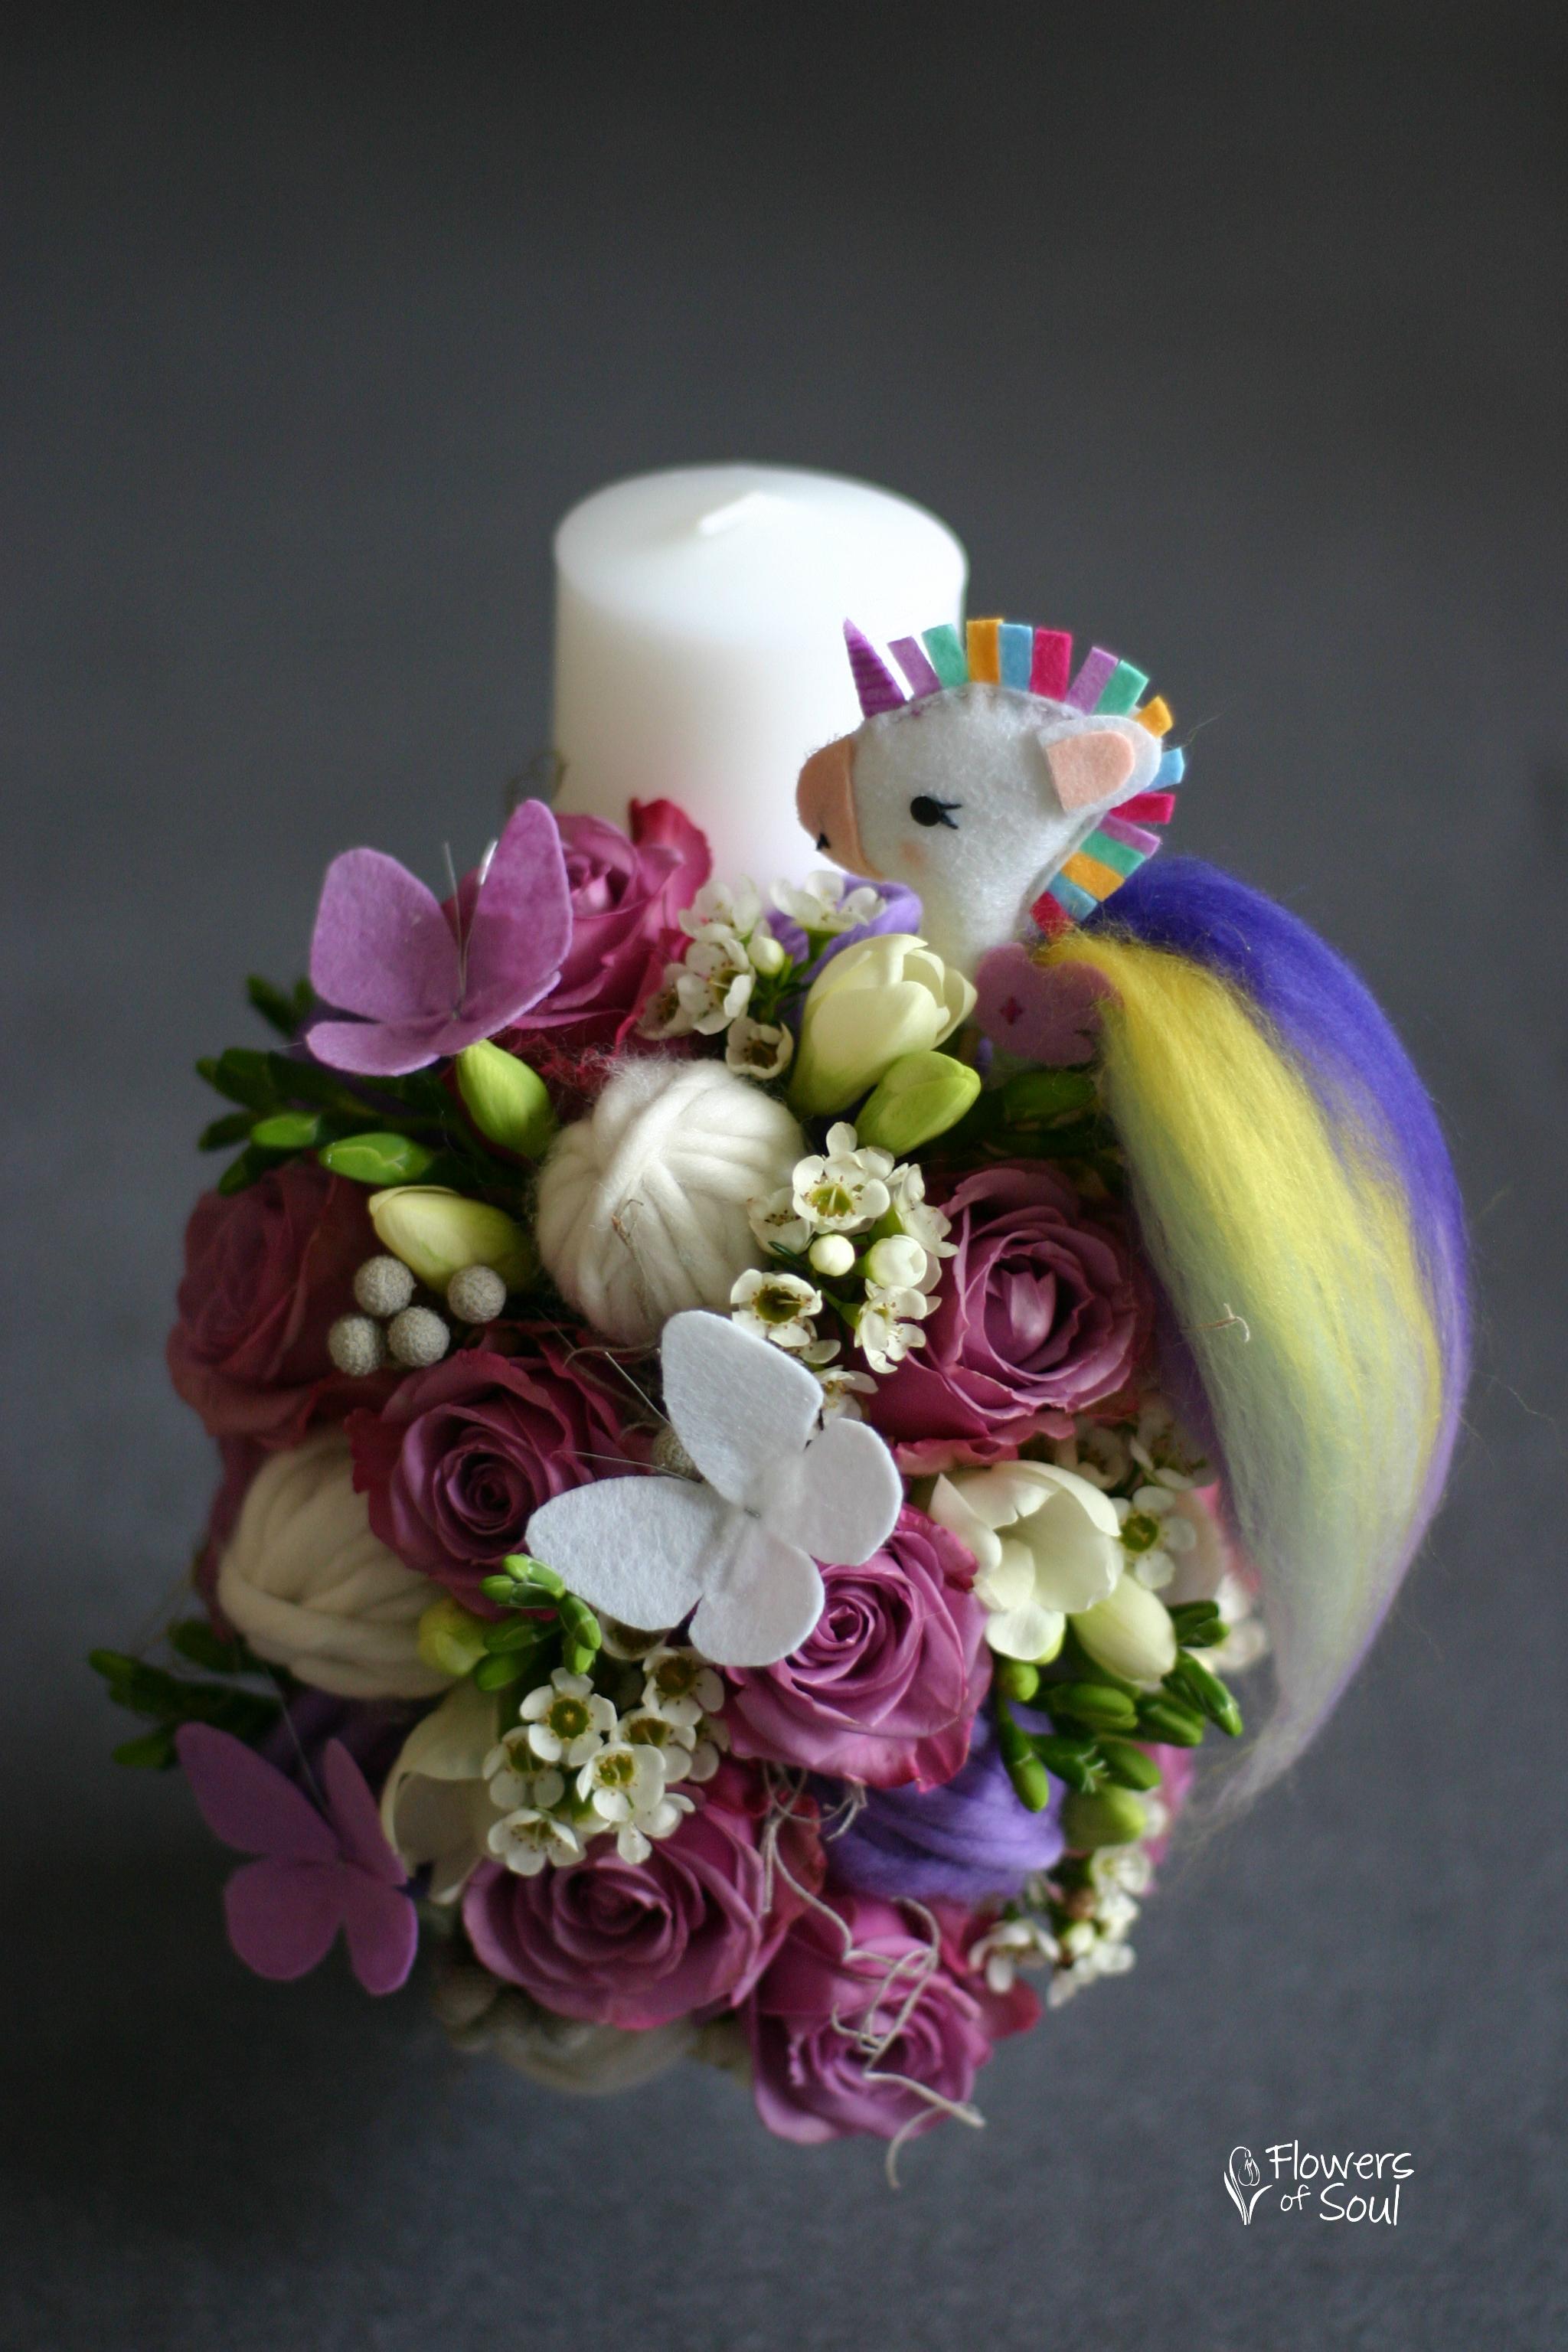 Lumânare De Botez Cu Unicorn Din Fetru Realizat Manual Flowers Of Soul